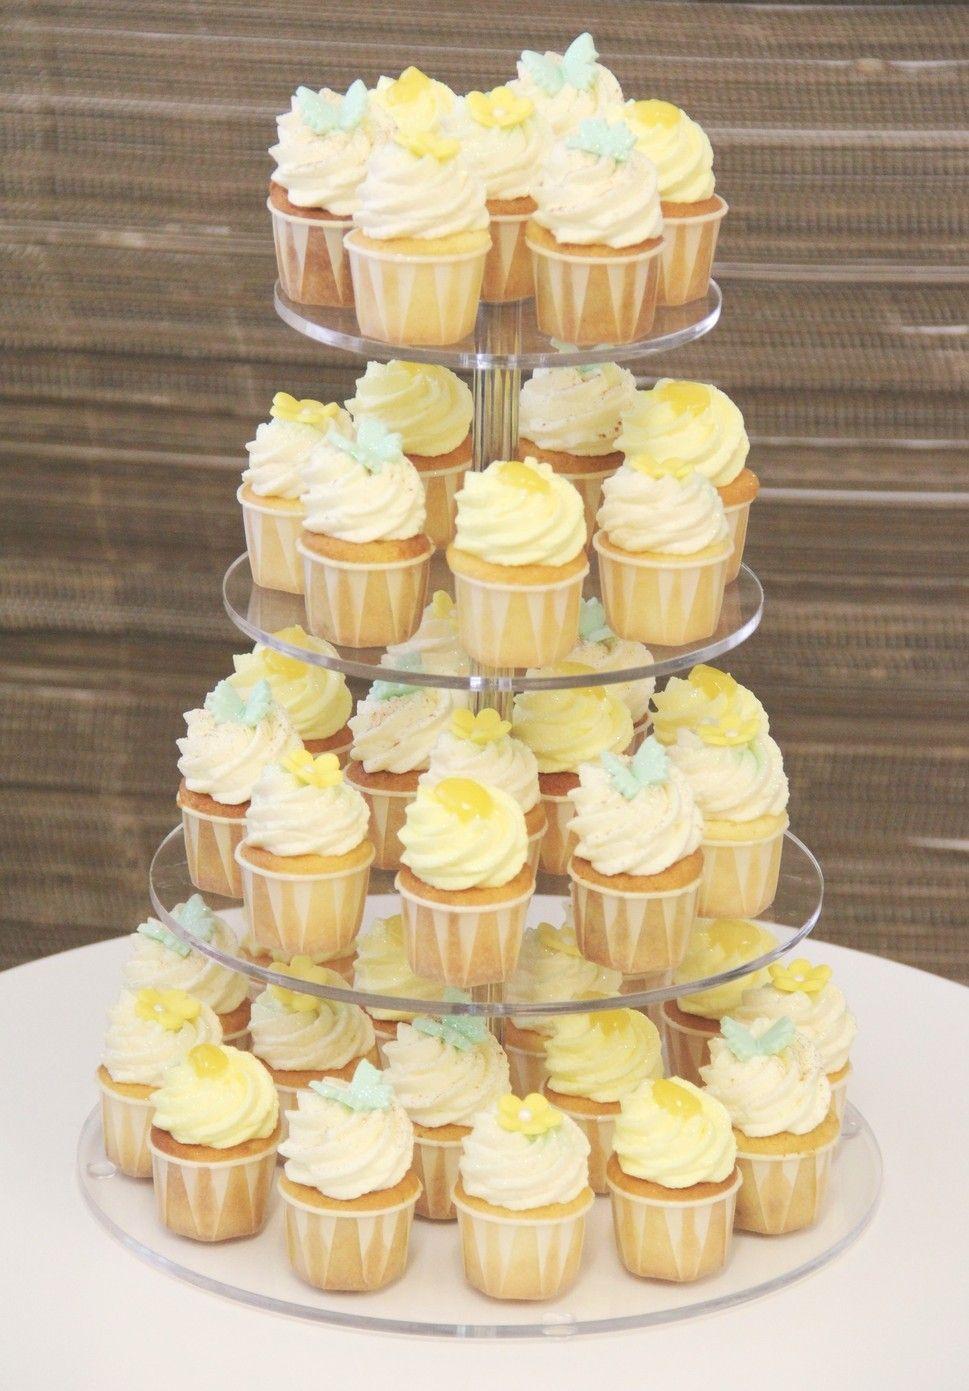 Cupcakes Hochzeitstorte in Pastellgelb und Pastellgrün